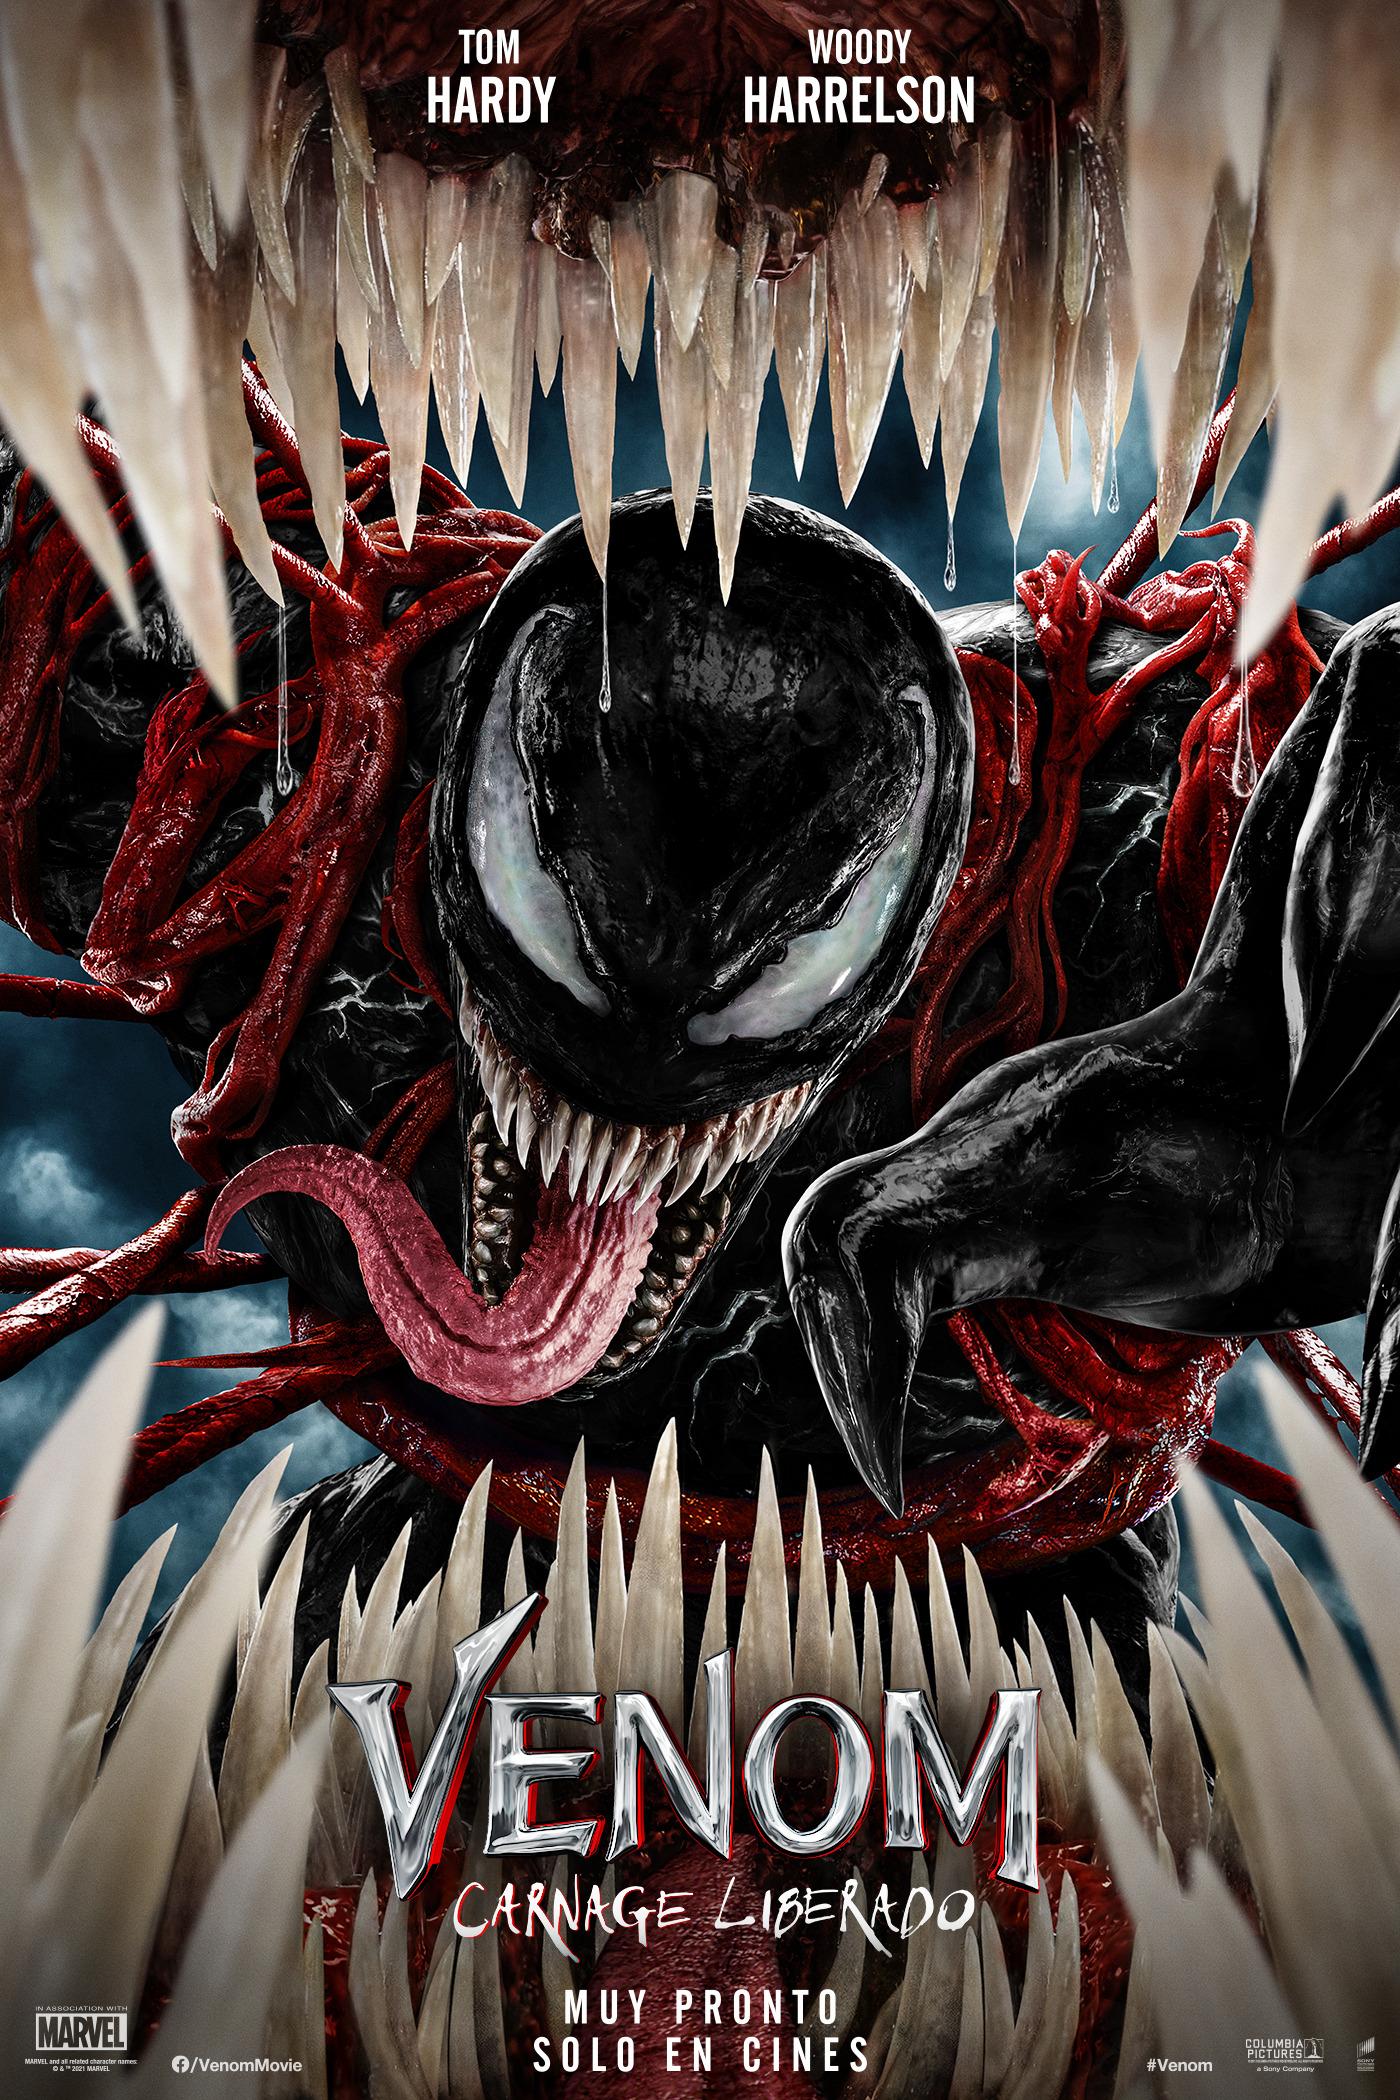 ¿Cuándo se estrena Venom 2?